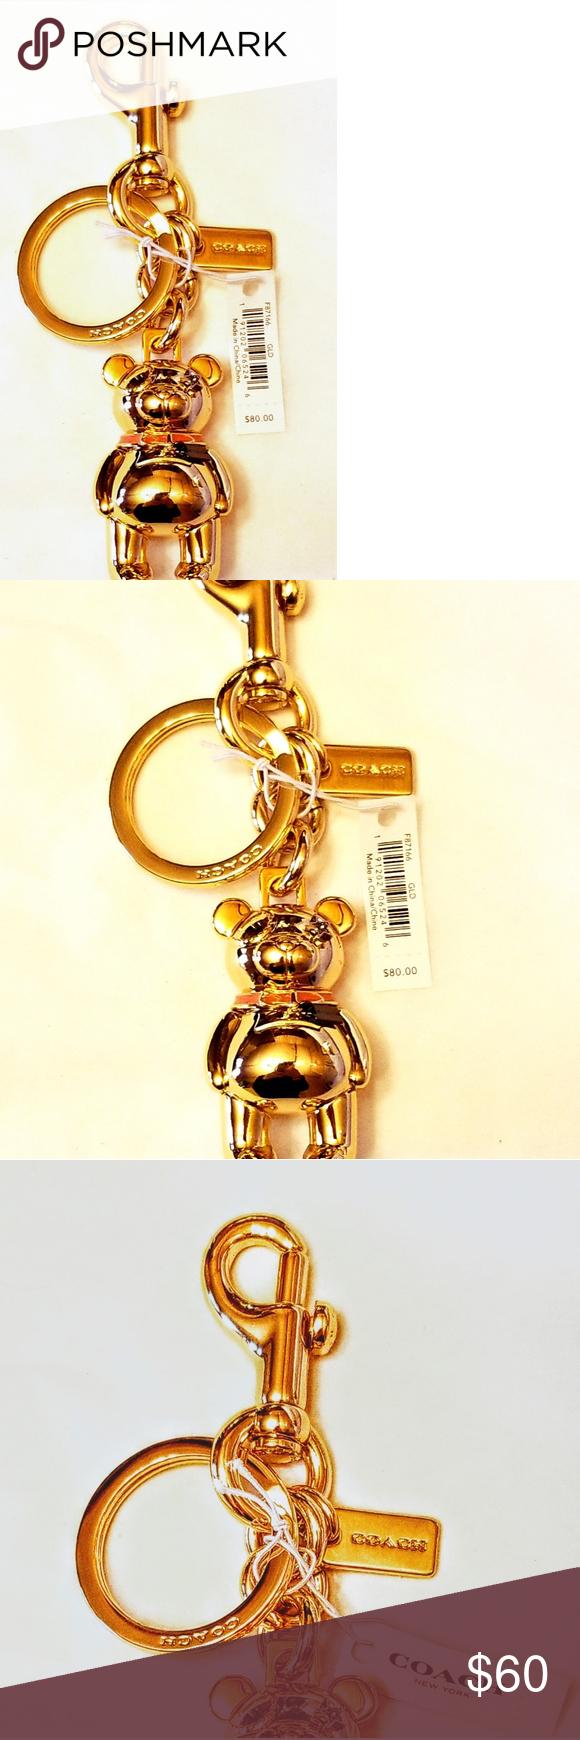 Coach bear keychain purse charm  Purse charms, Coach accessories